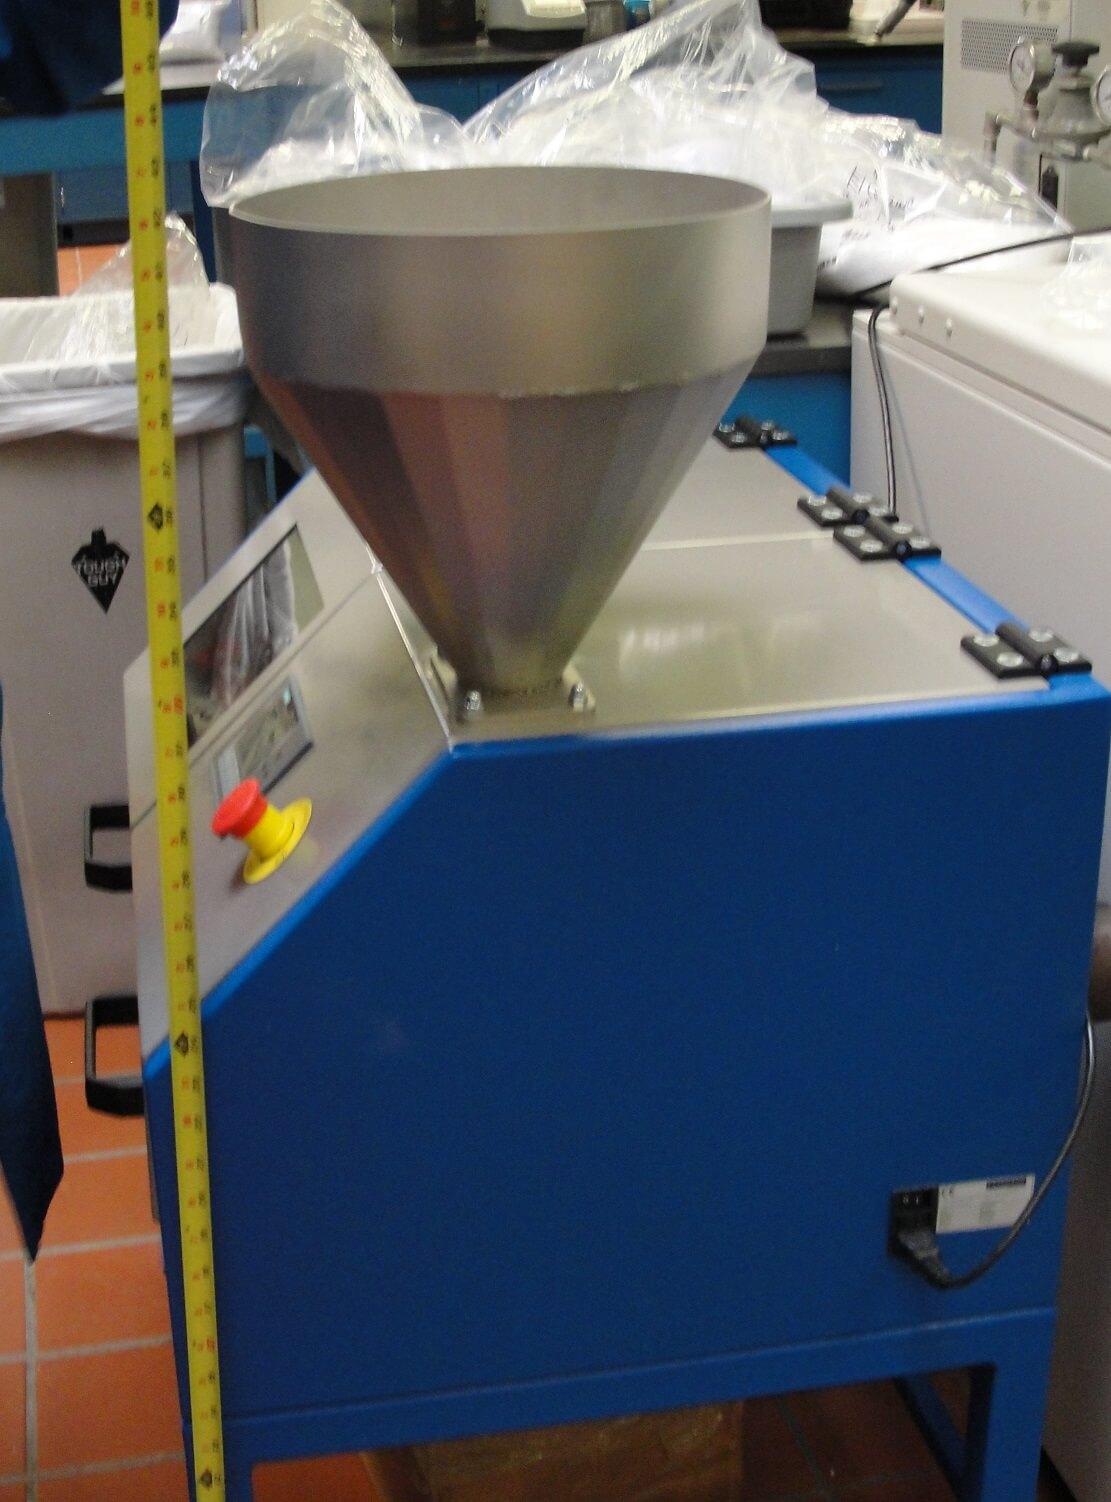 rotary sample splitter (1)